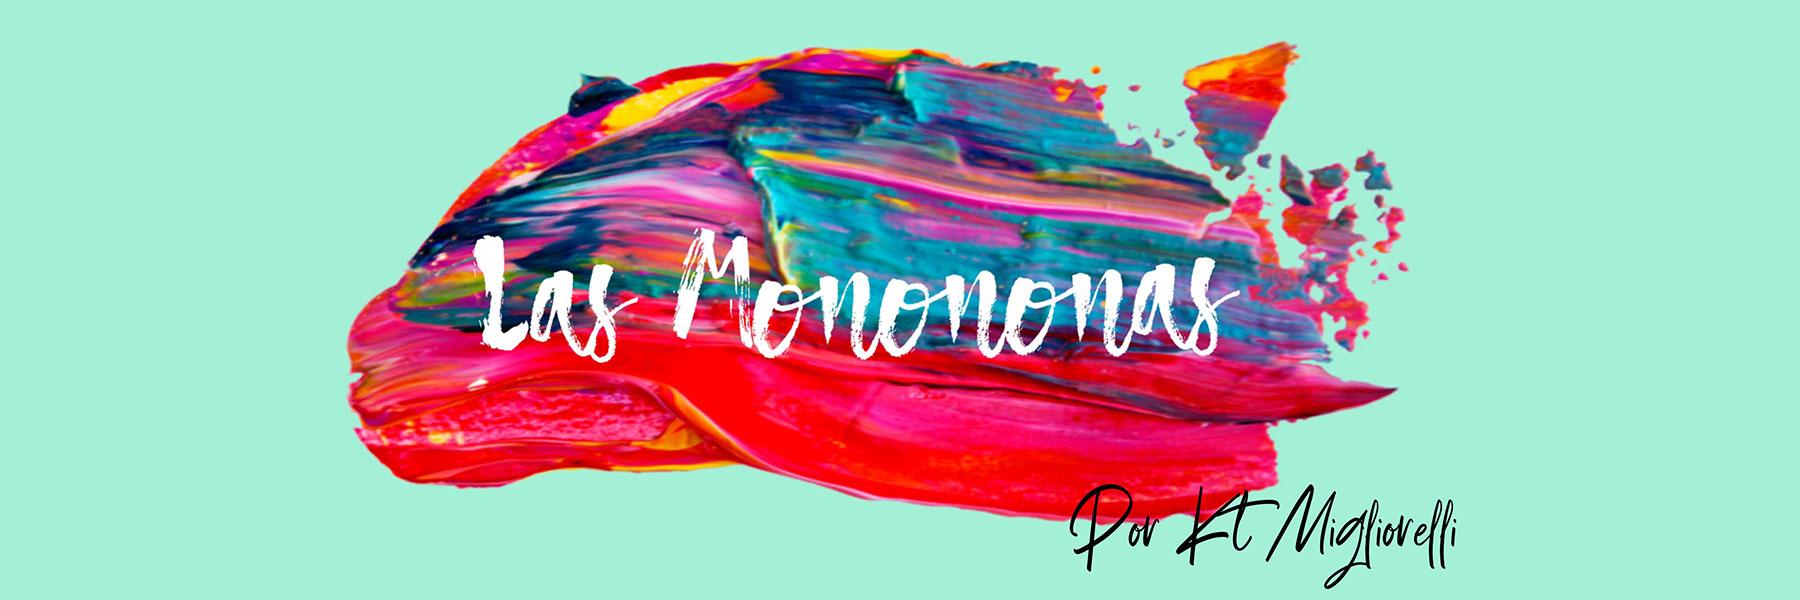 Las Monononas Banner